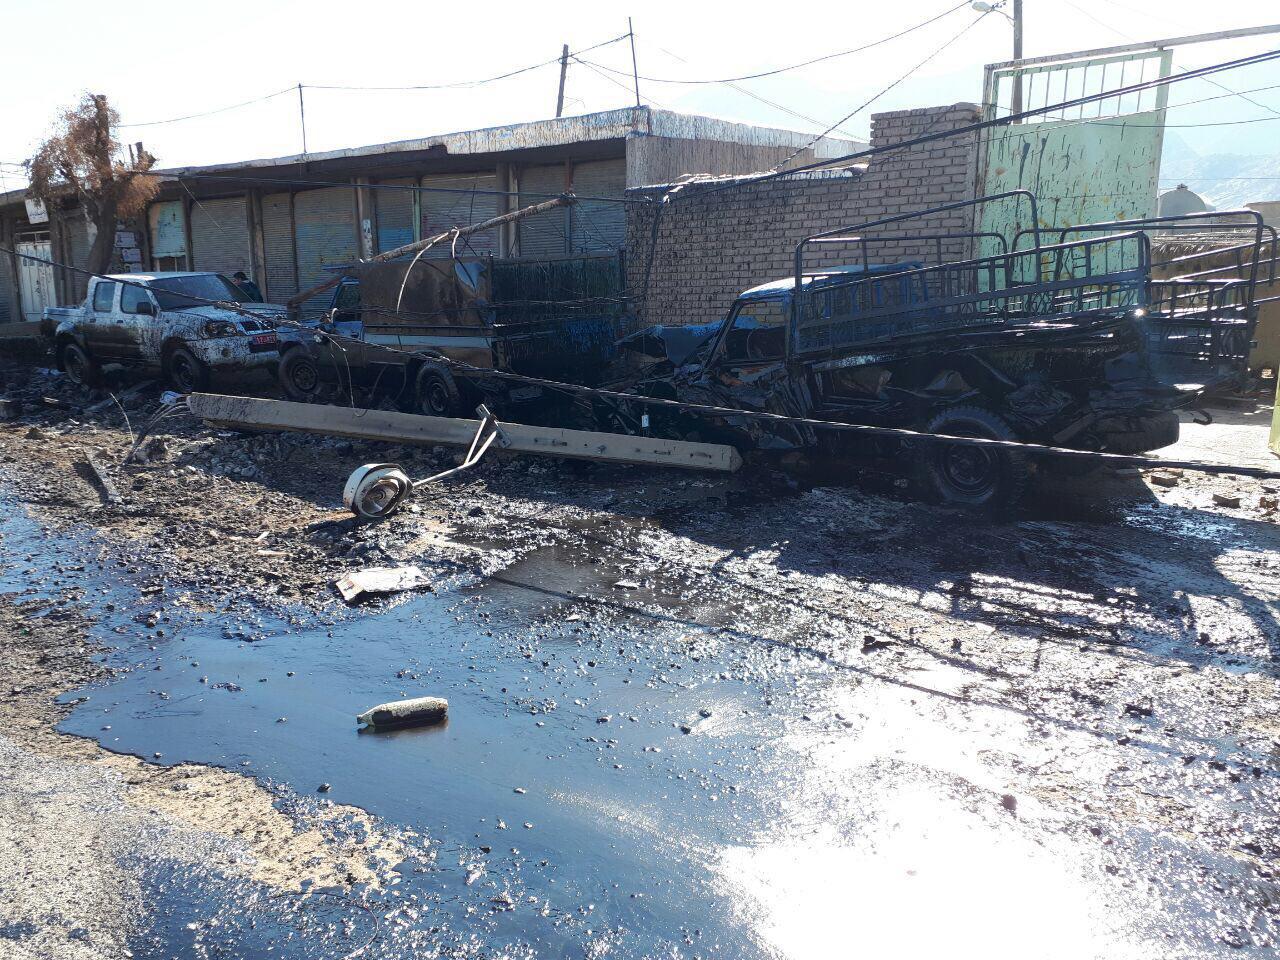 واژگونی یک دستگاه کشنده در دهستان پاعلم شهرستان پلدختر